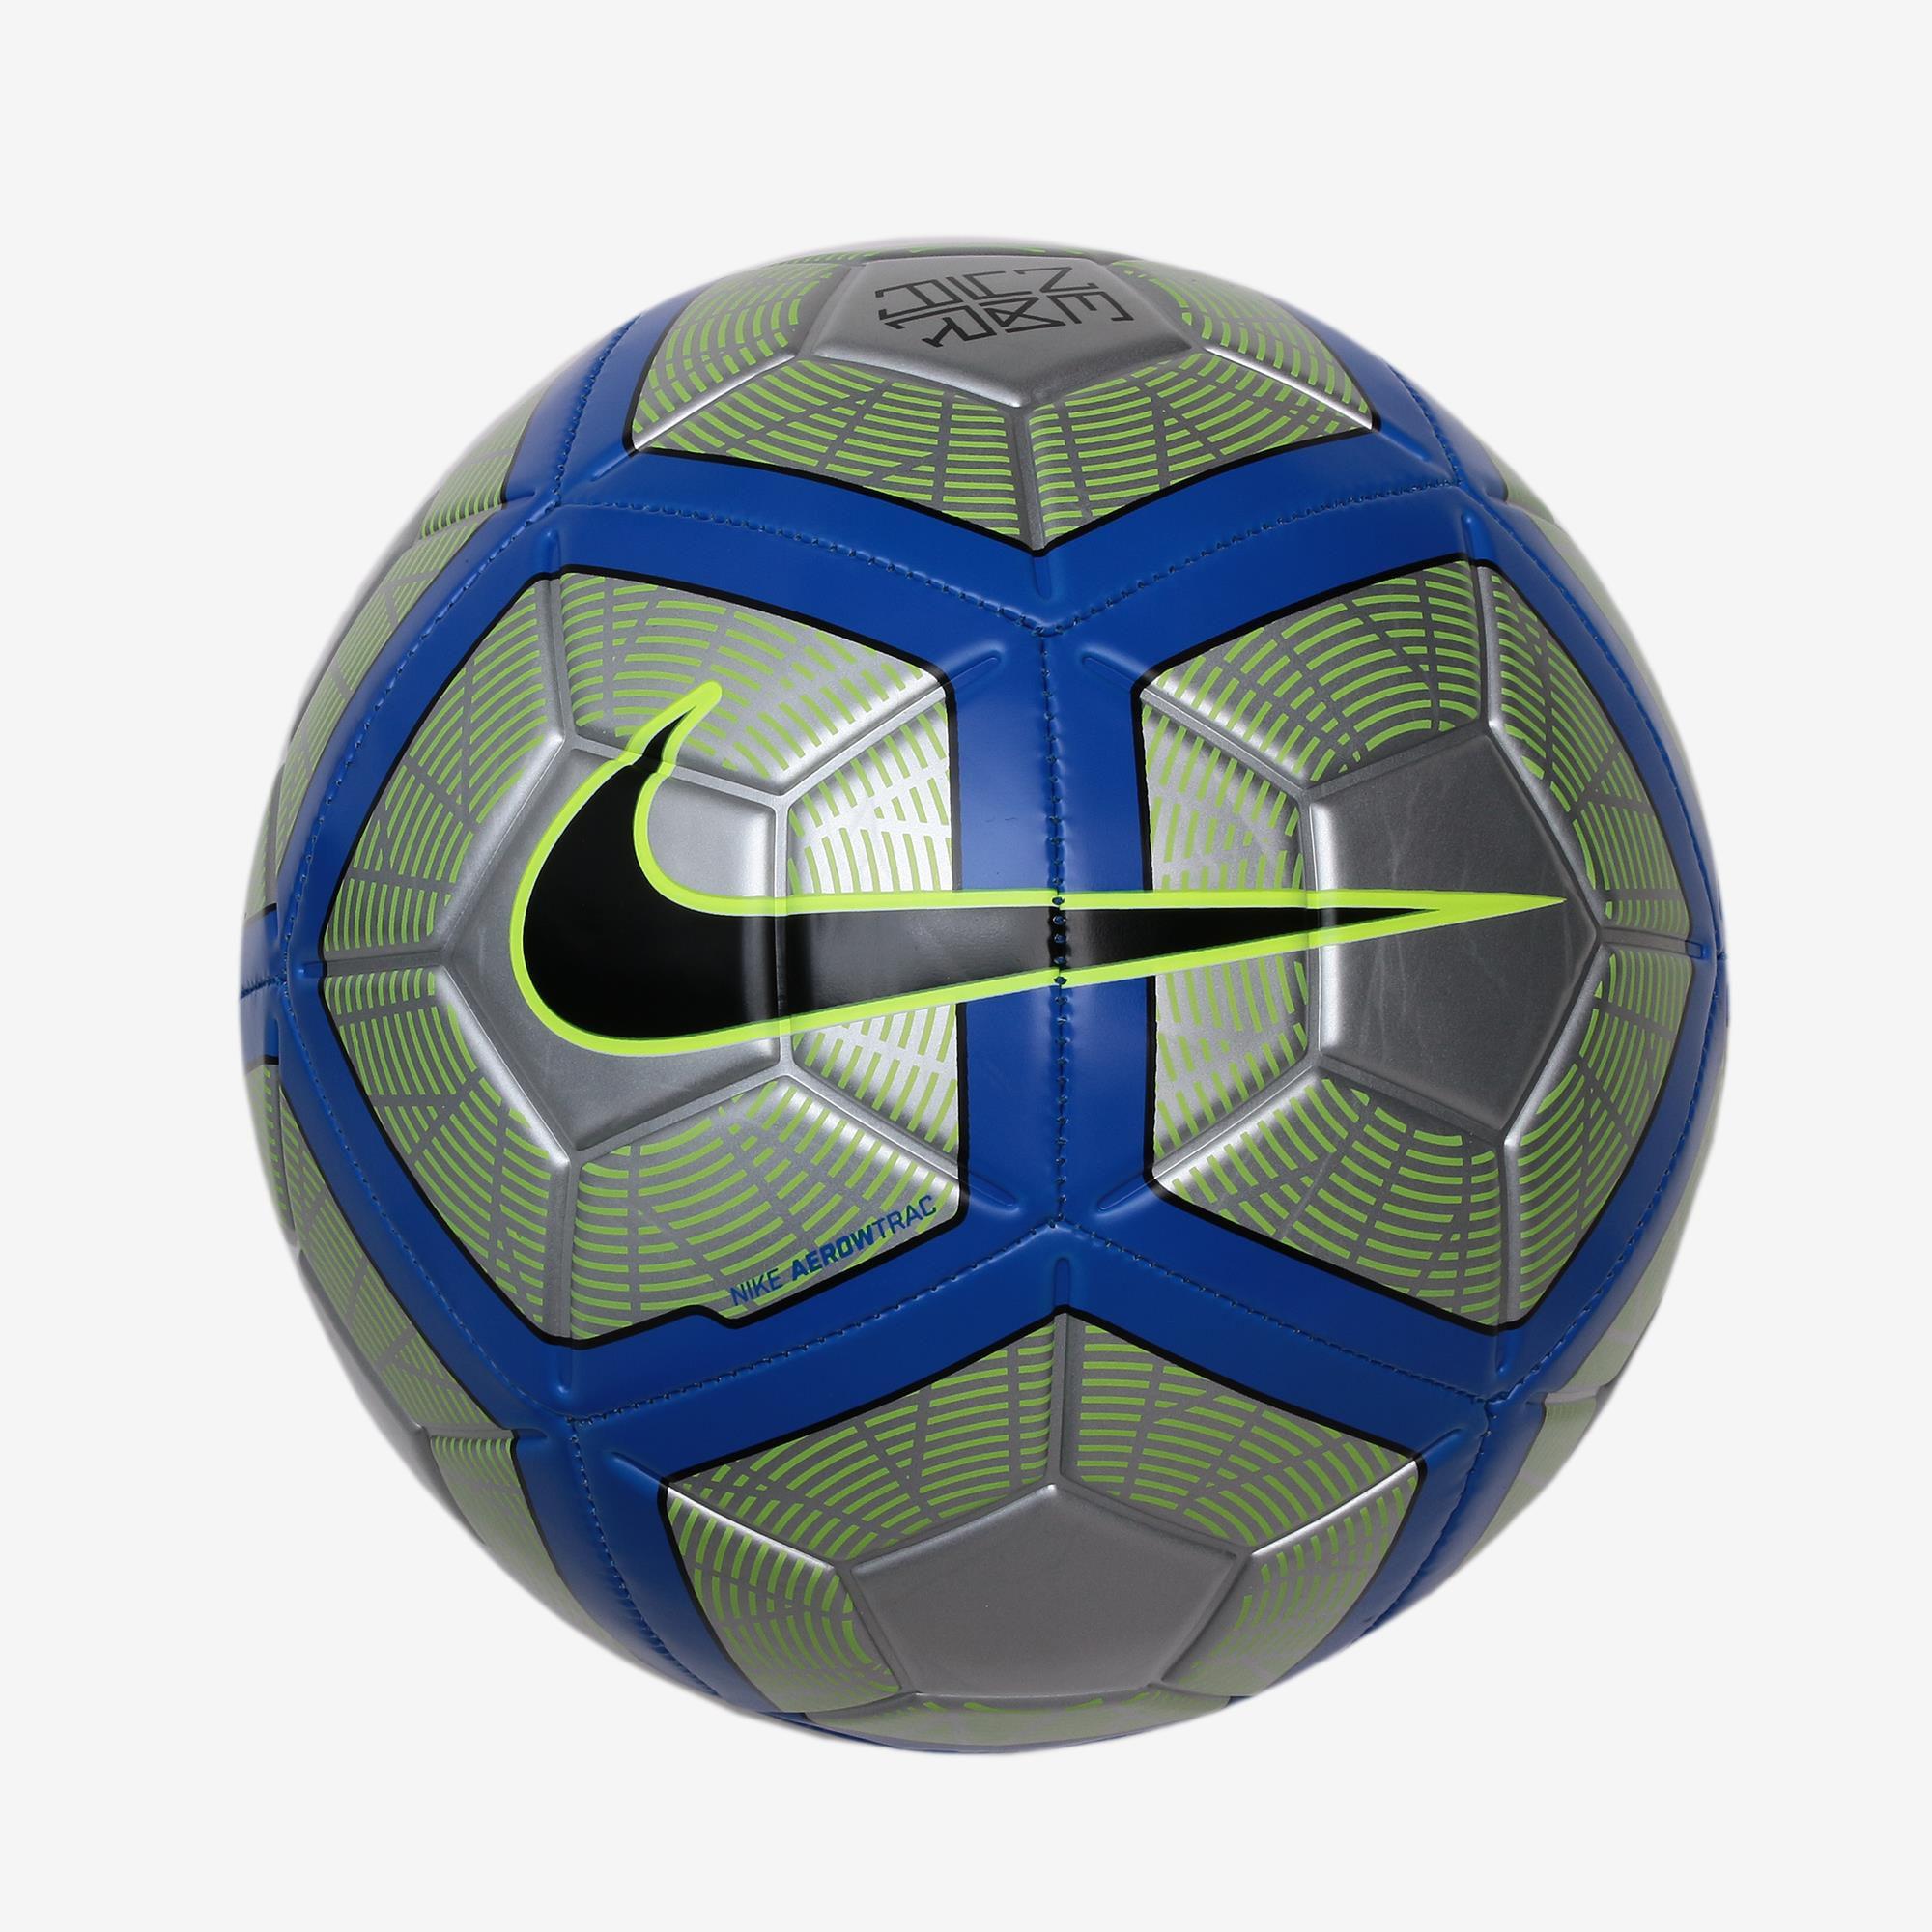 cb24d7cc55287 Bola de Futebol Nike Neymar Strike - BRACIA SHOP  Loja de Roupas ...